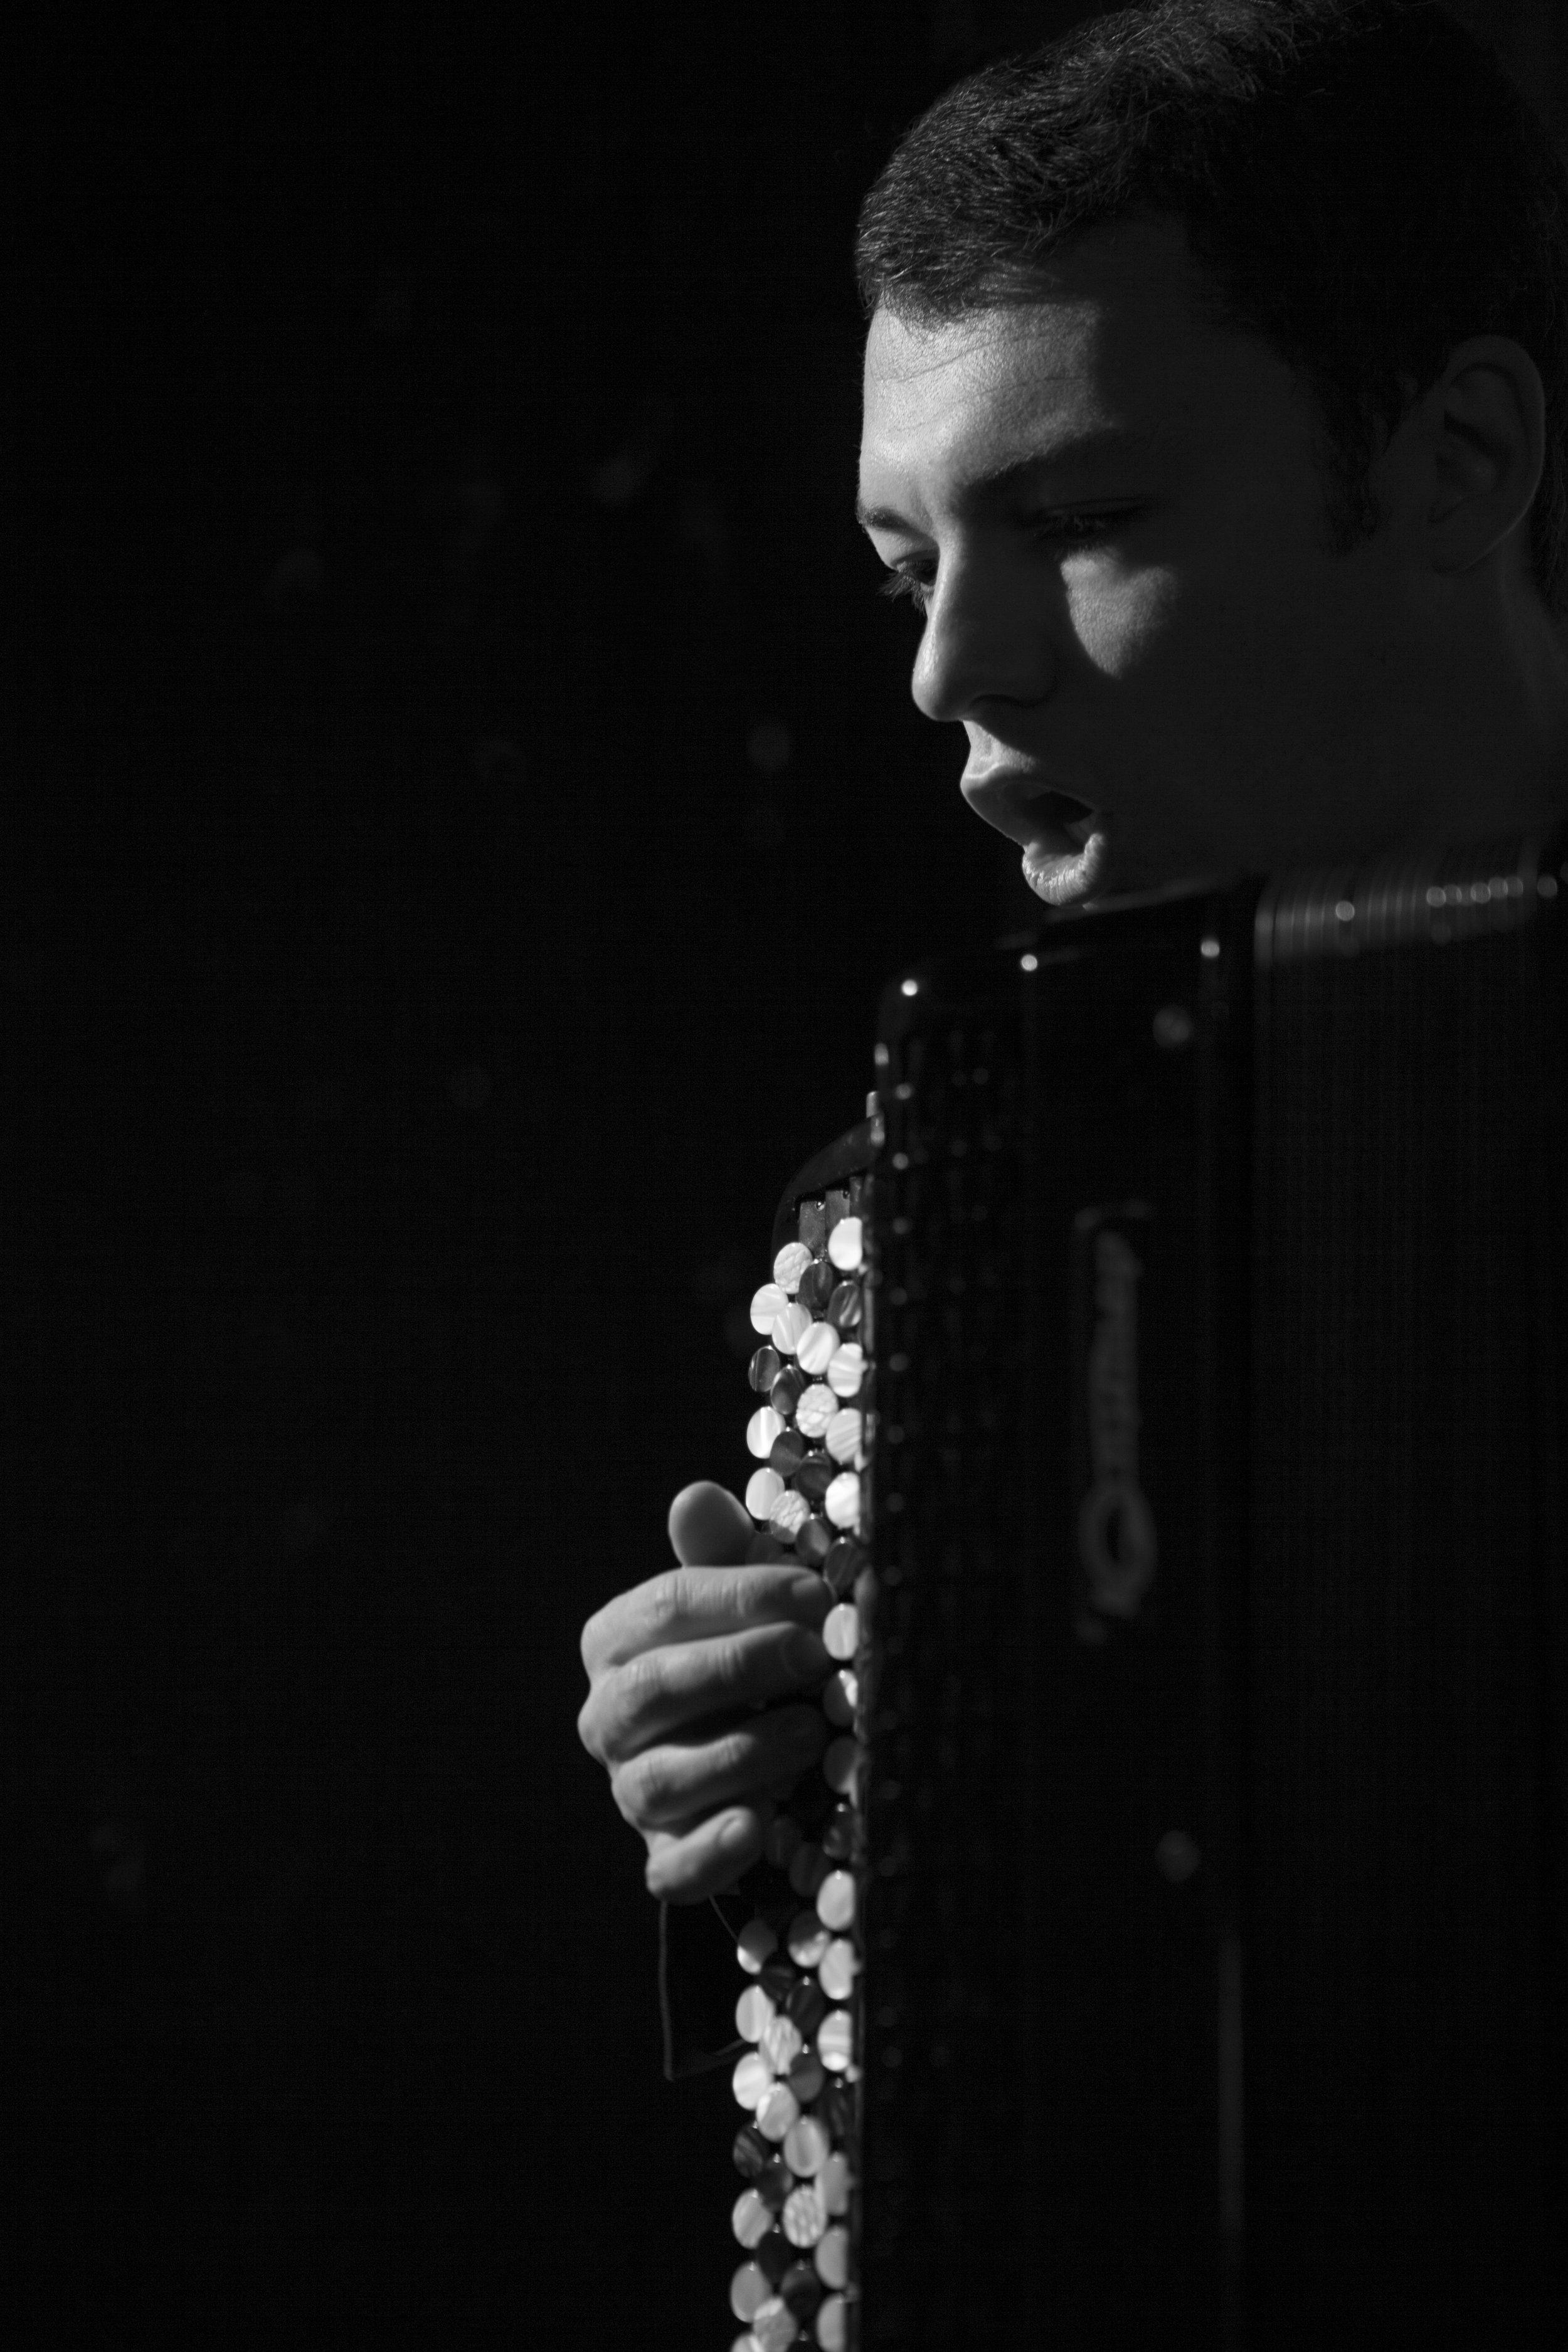 Iosif Purits by Aiga Photography 4524 bw.jpg